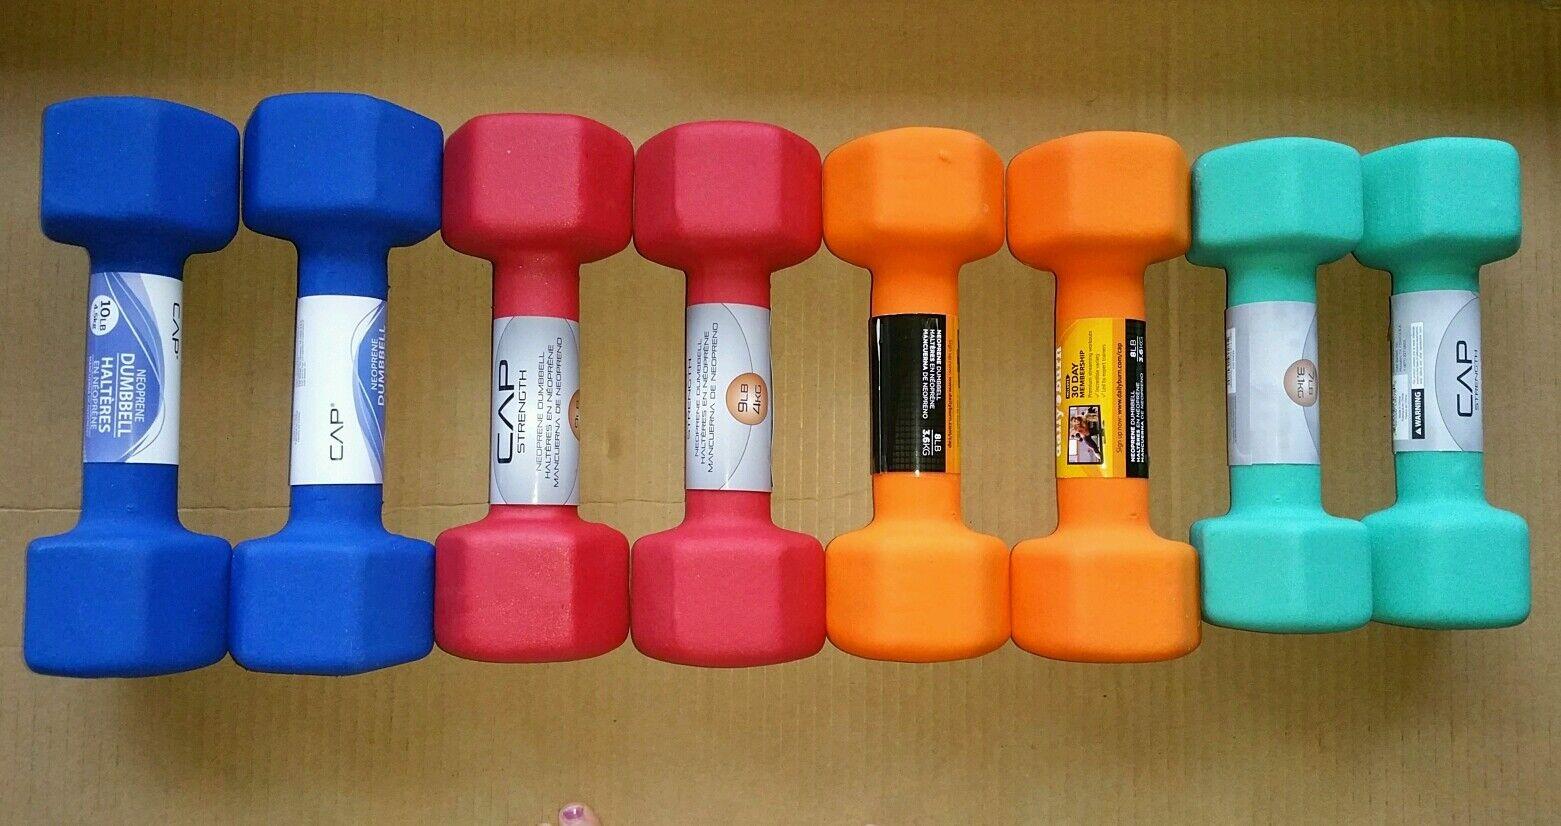 Cap Barbell Neoprene Dumbbell  8 Piece Set  2 each 7, 8, 9, 10 NEW dumbbells